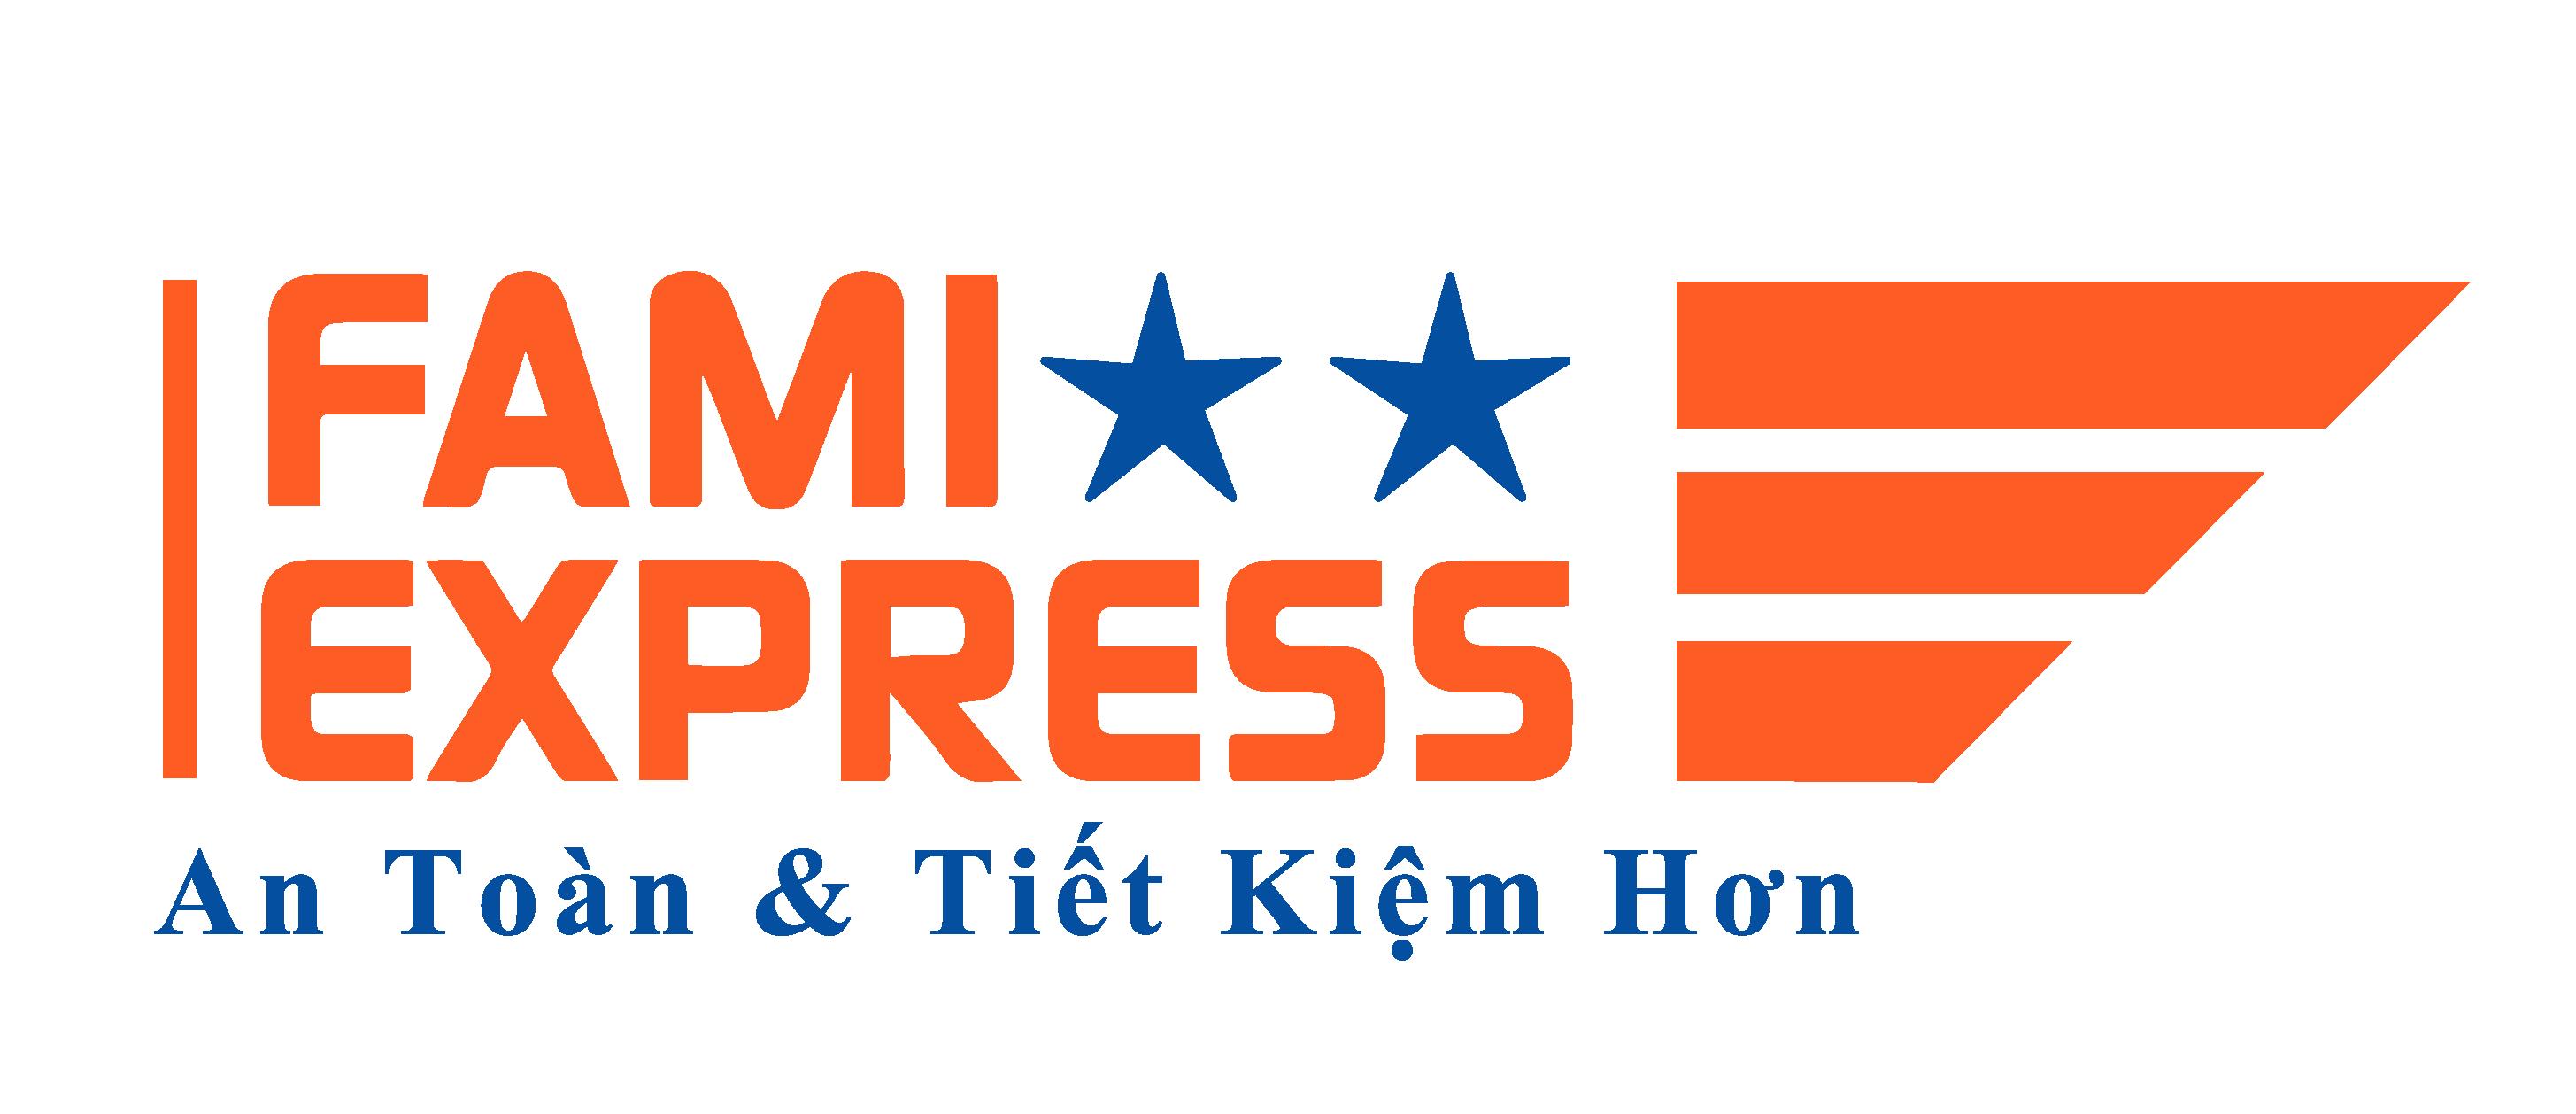 Fami Express